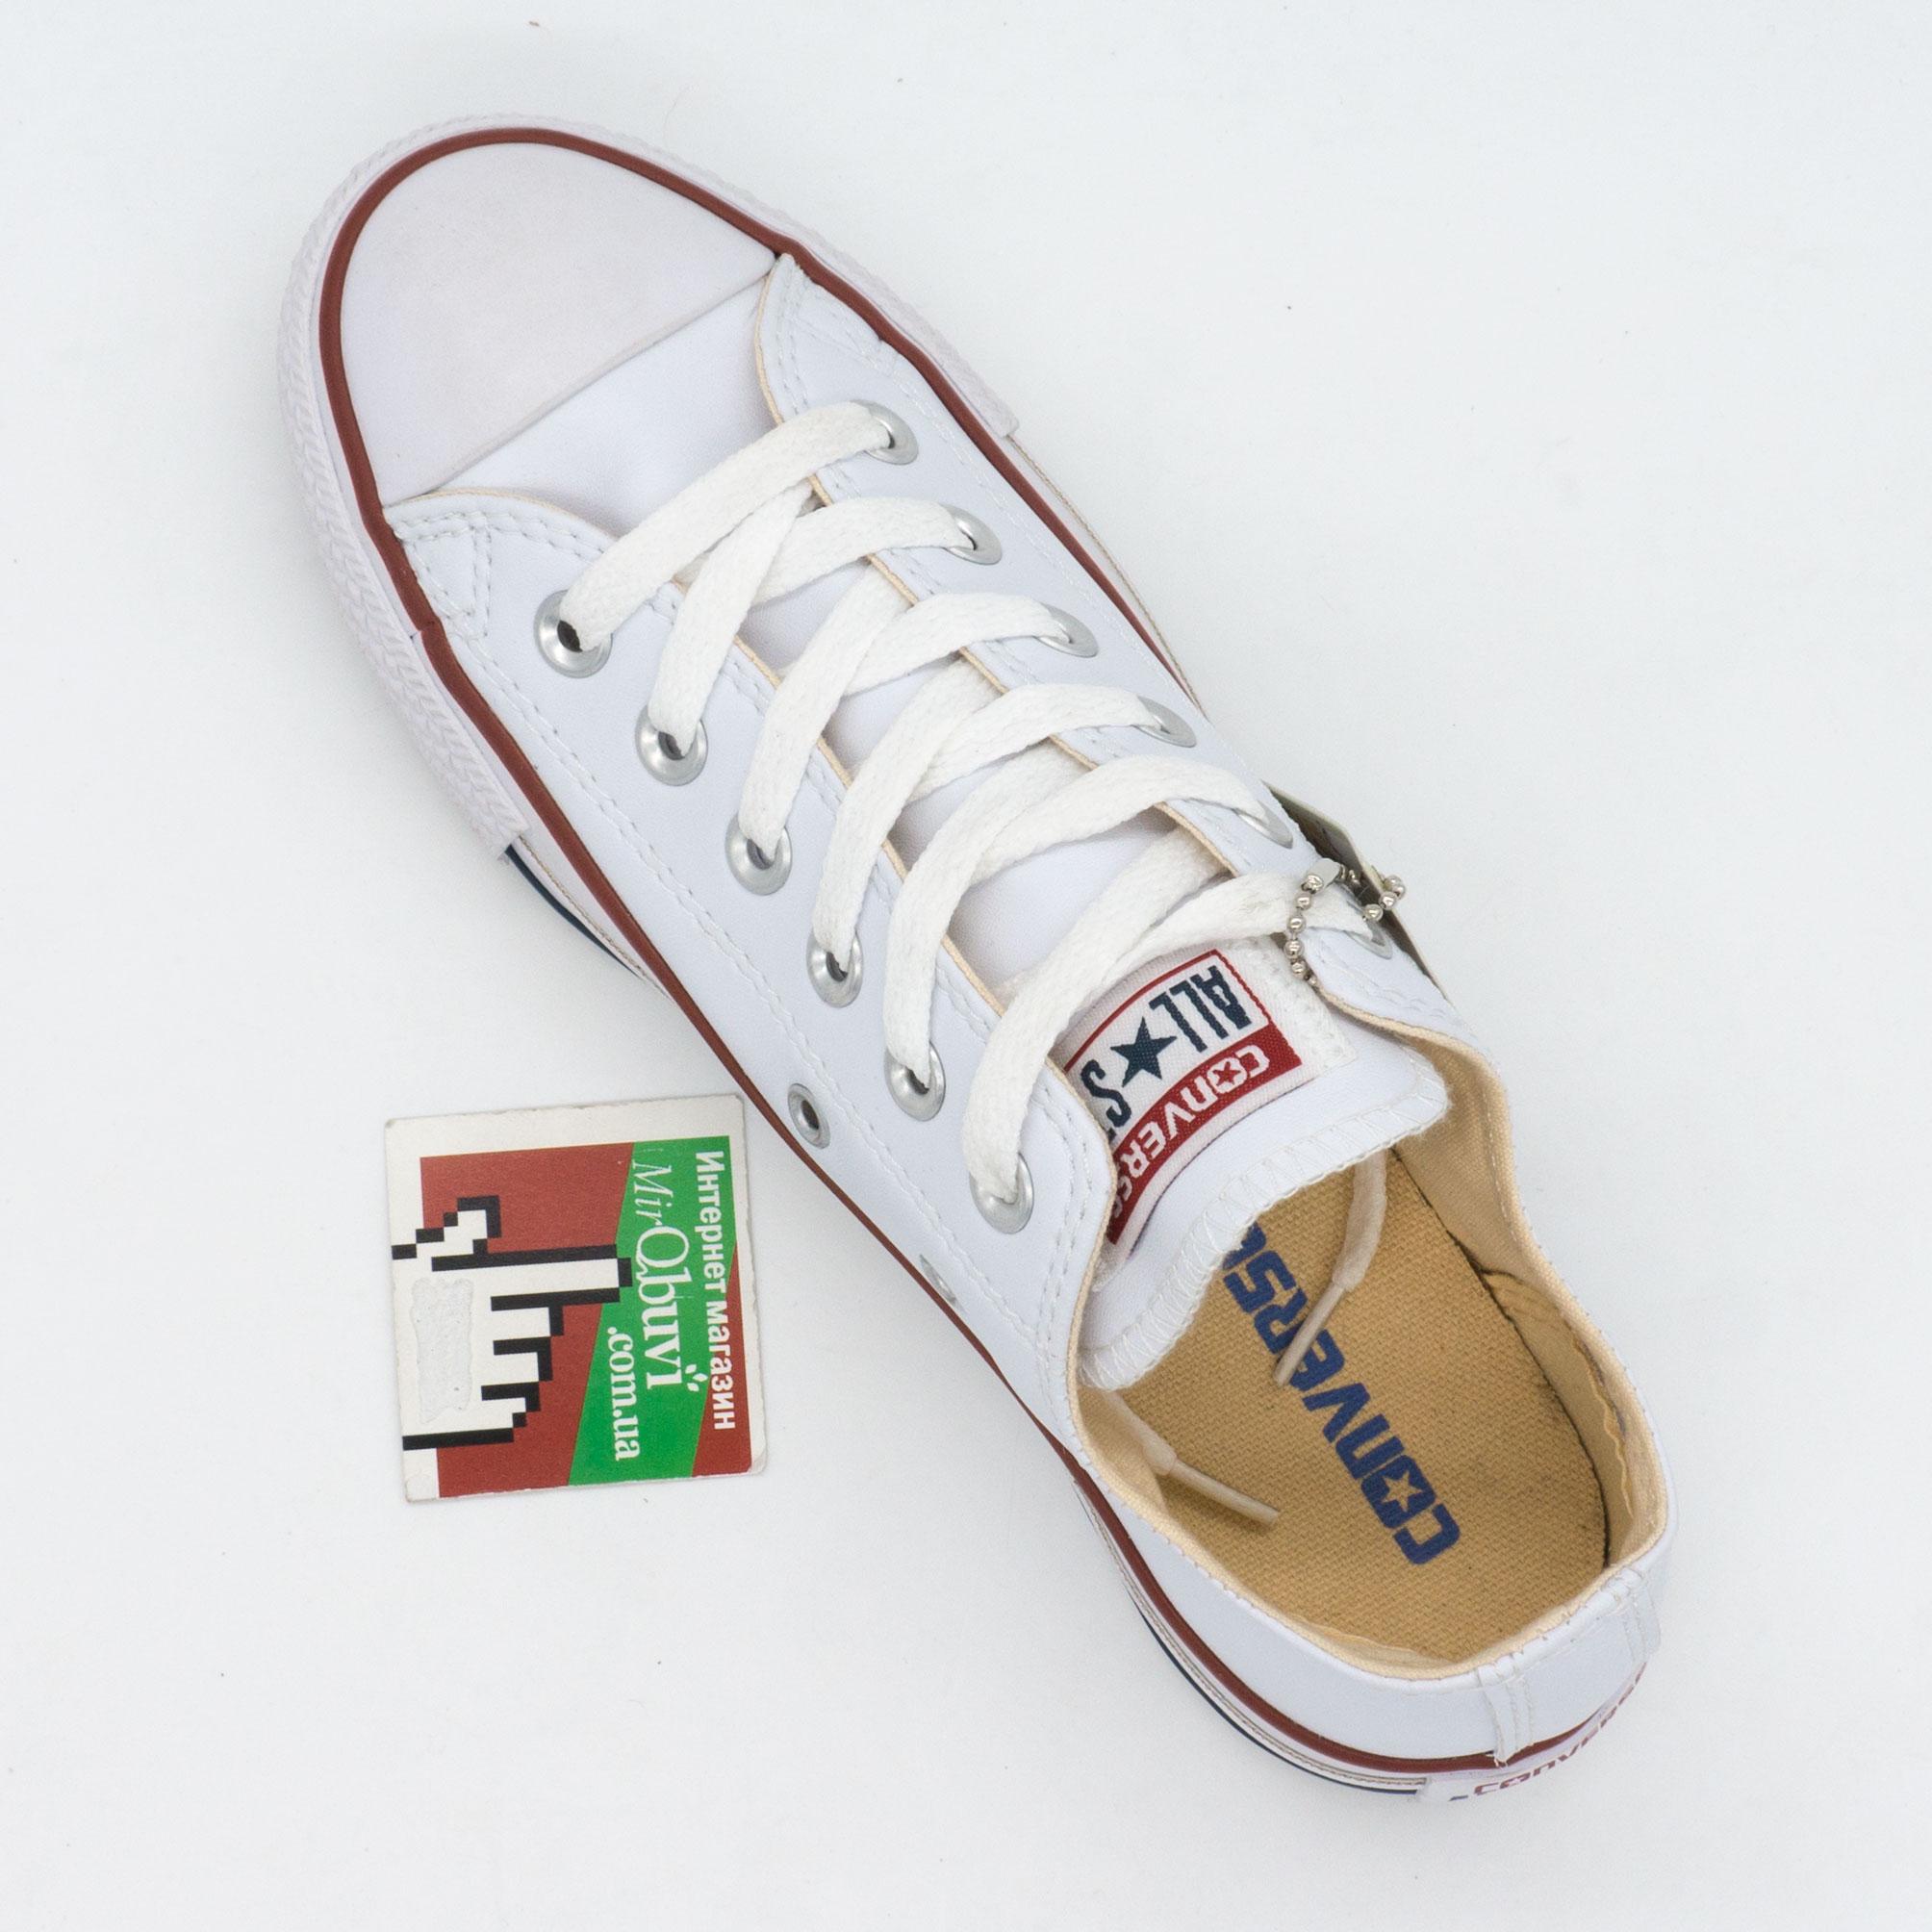 большое фото №5 Кеды Converse кожаные низкие белые